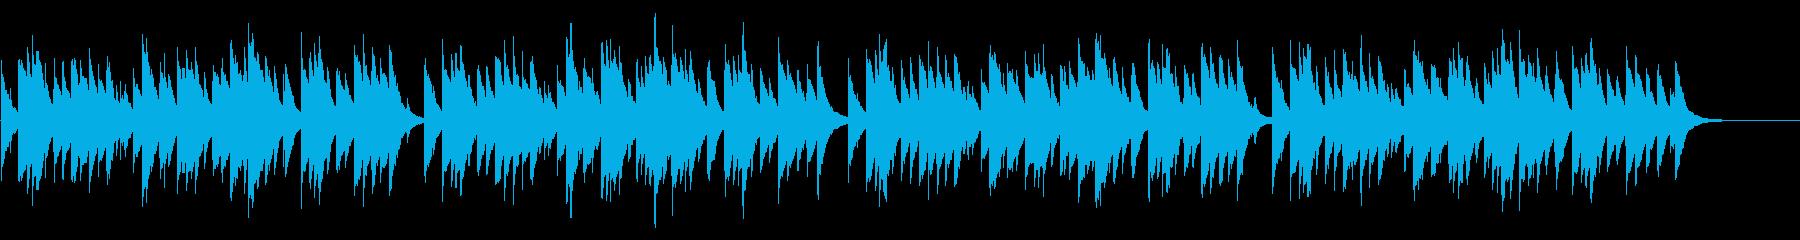 お正月 72弁オルゴールの再生済みの波形